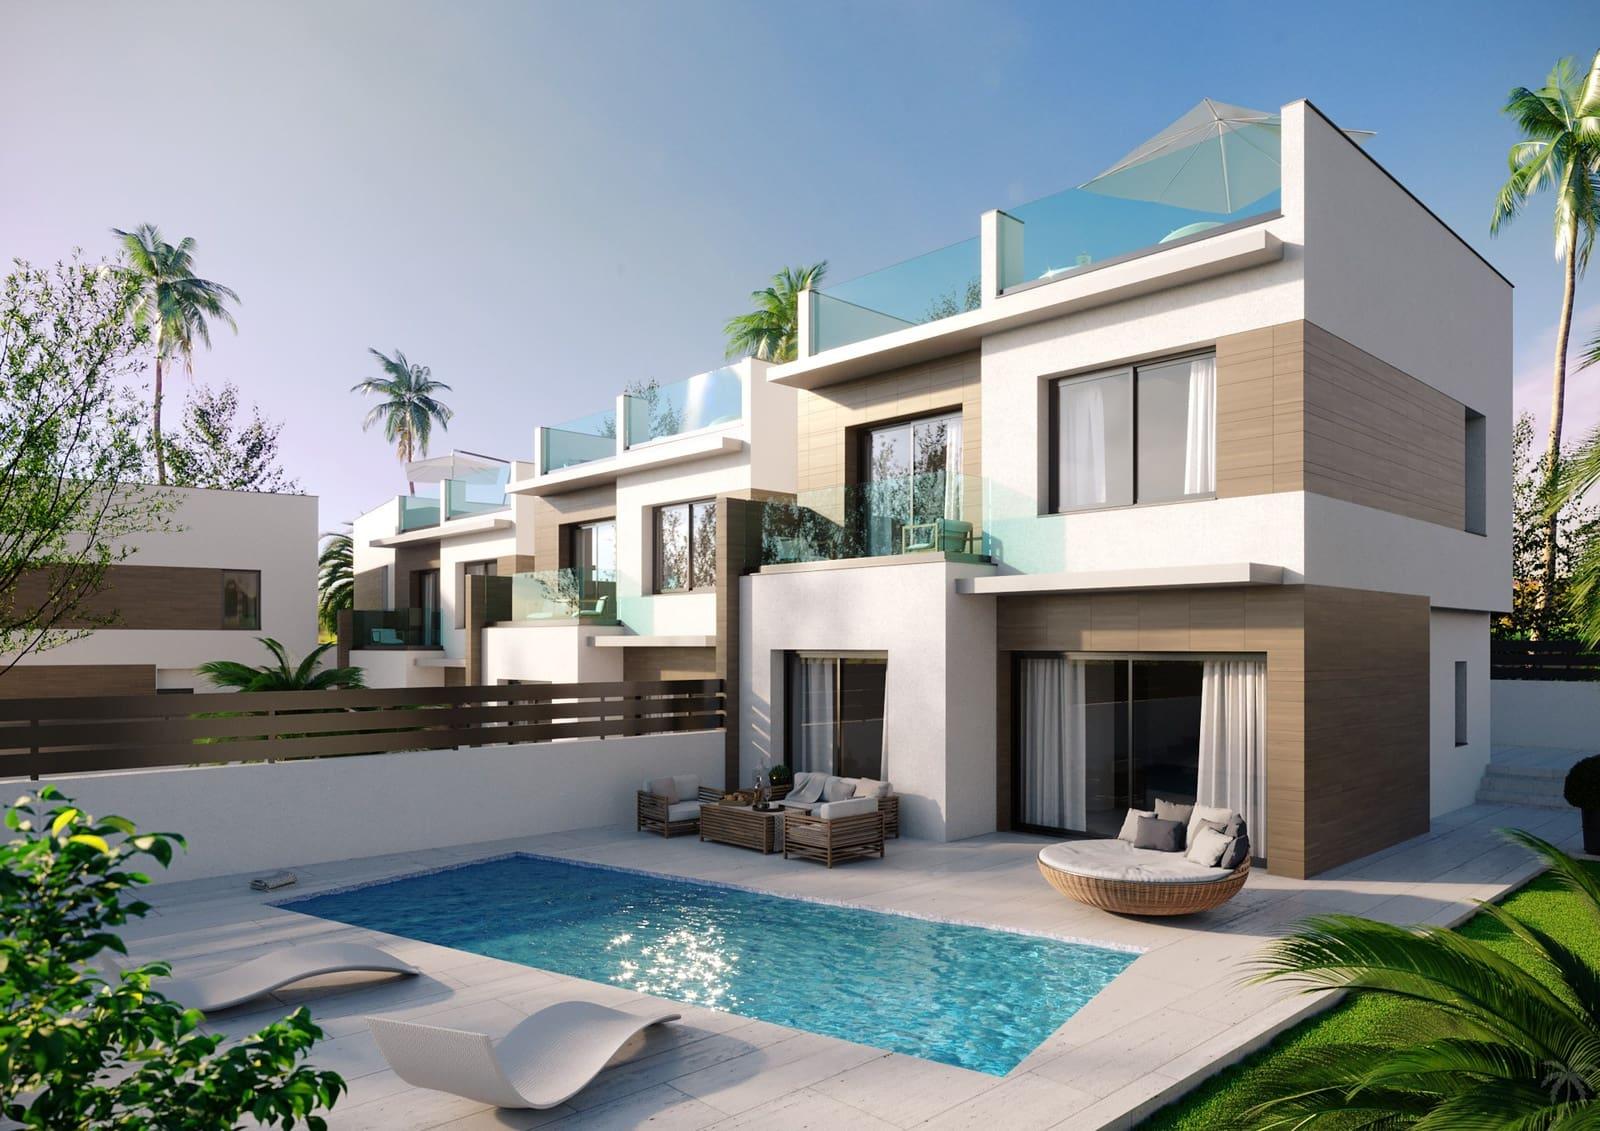 Adosado de 3 habitaciones en Benijófar en venta con piscina - 295.000 € (Ref: 5073610)